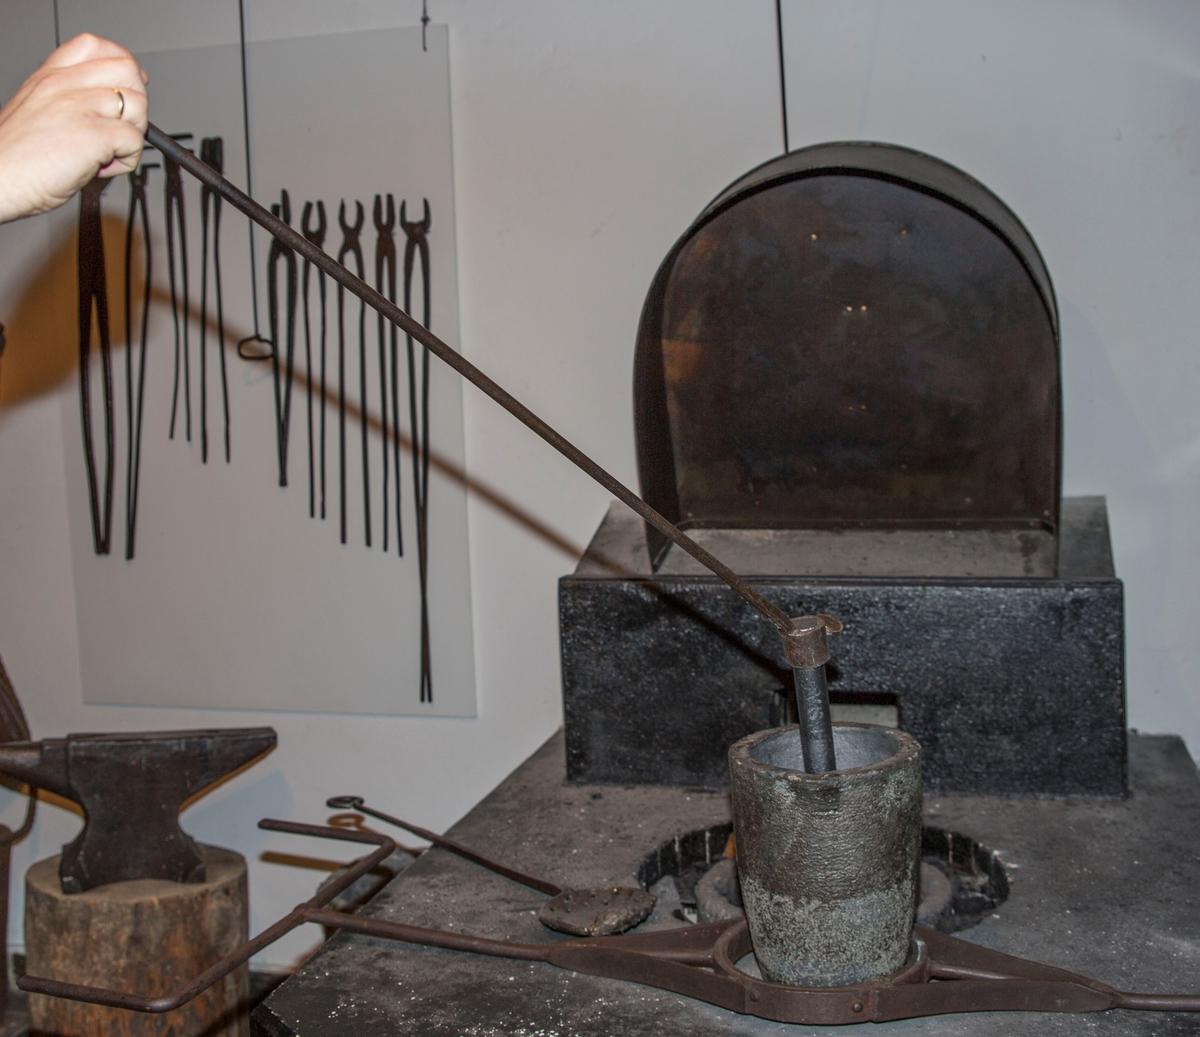 Rett stålskaft med en rund krok i den ene enden. I den andre enden har skaftet en ring som er tredd rundt enden av en grafittstav.